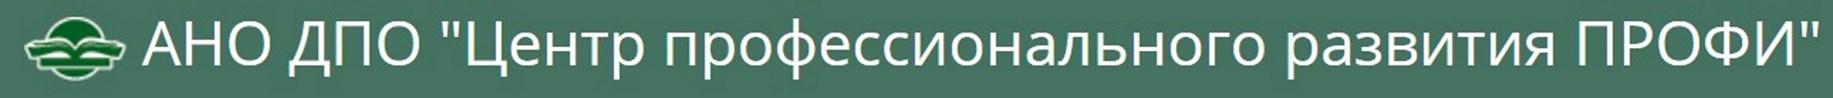 """АНО ДПО """"Центр профессионального развития ПРОФИ"""""""